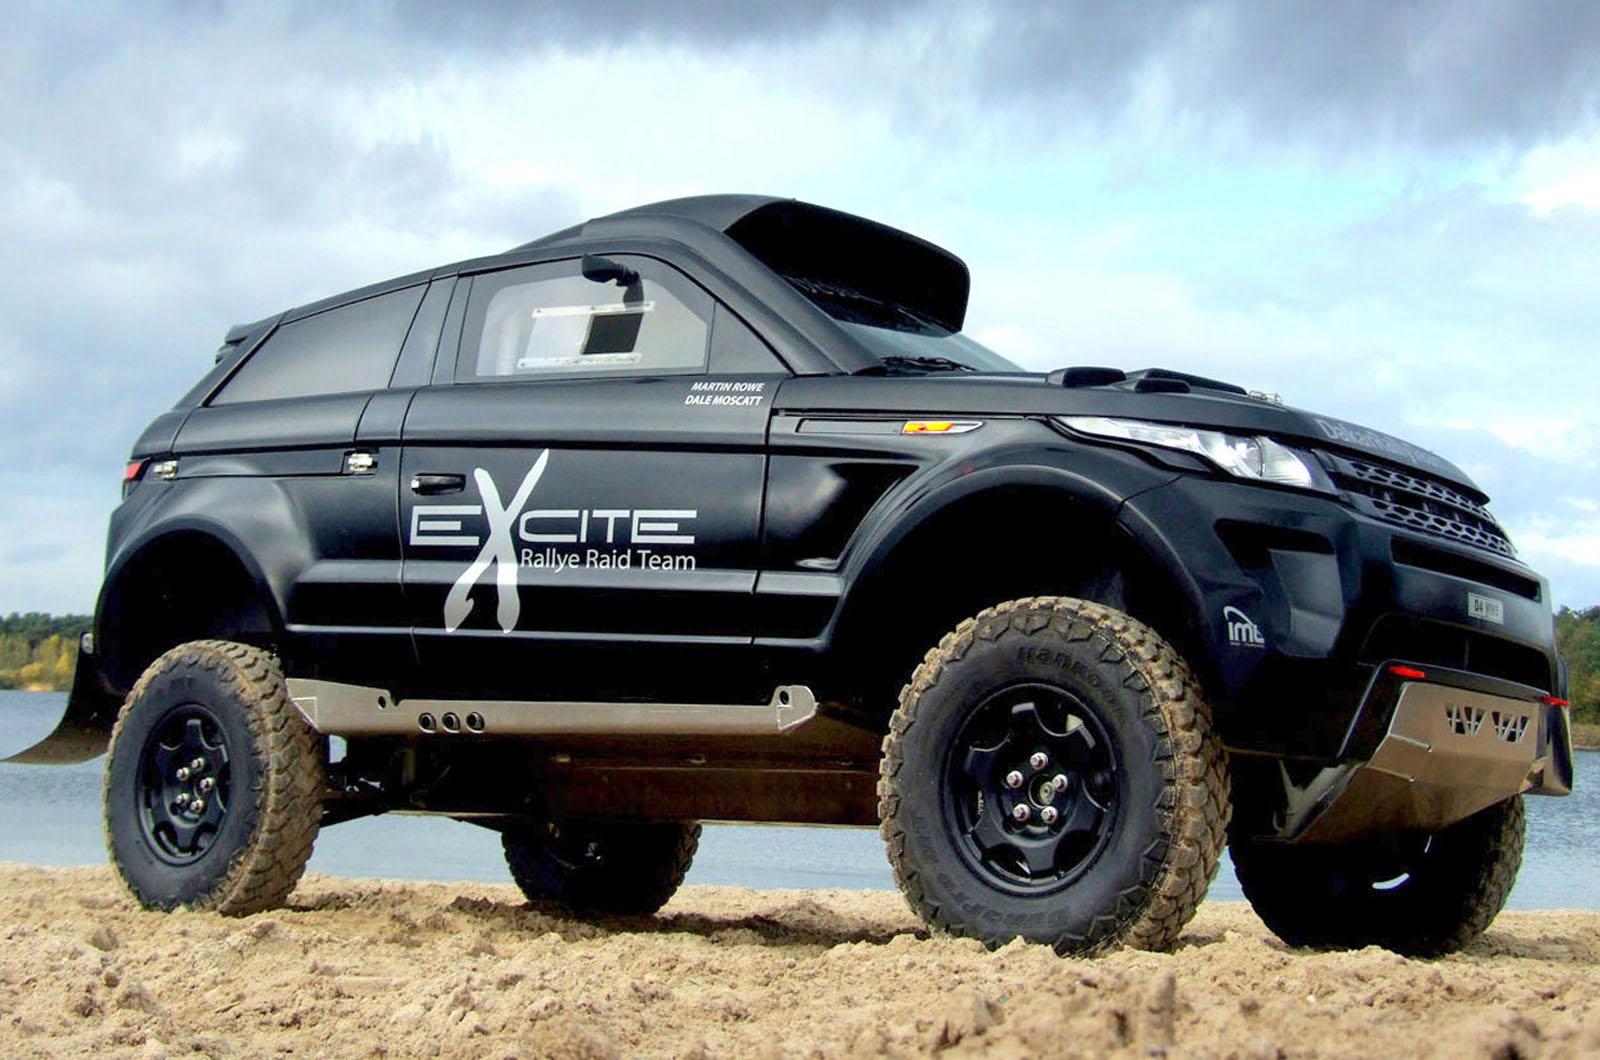 Más de 300 CV y 87 kgm de torque para afrontar los más de 9.000 km del Dakar que viene.